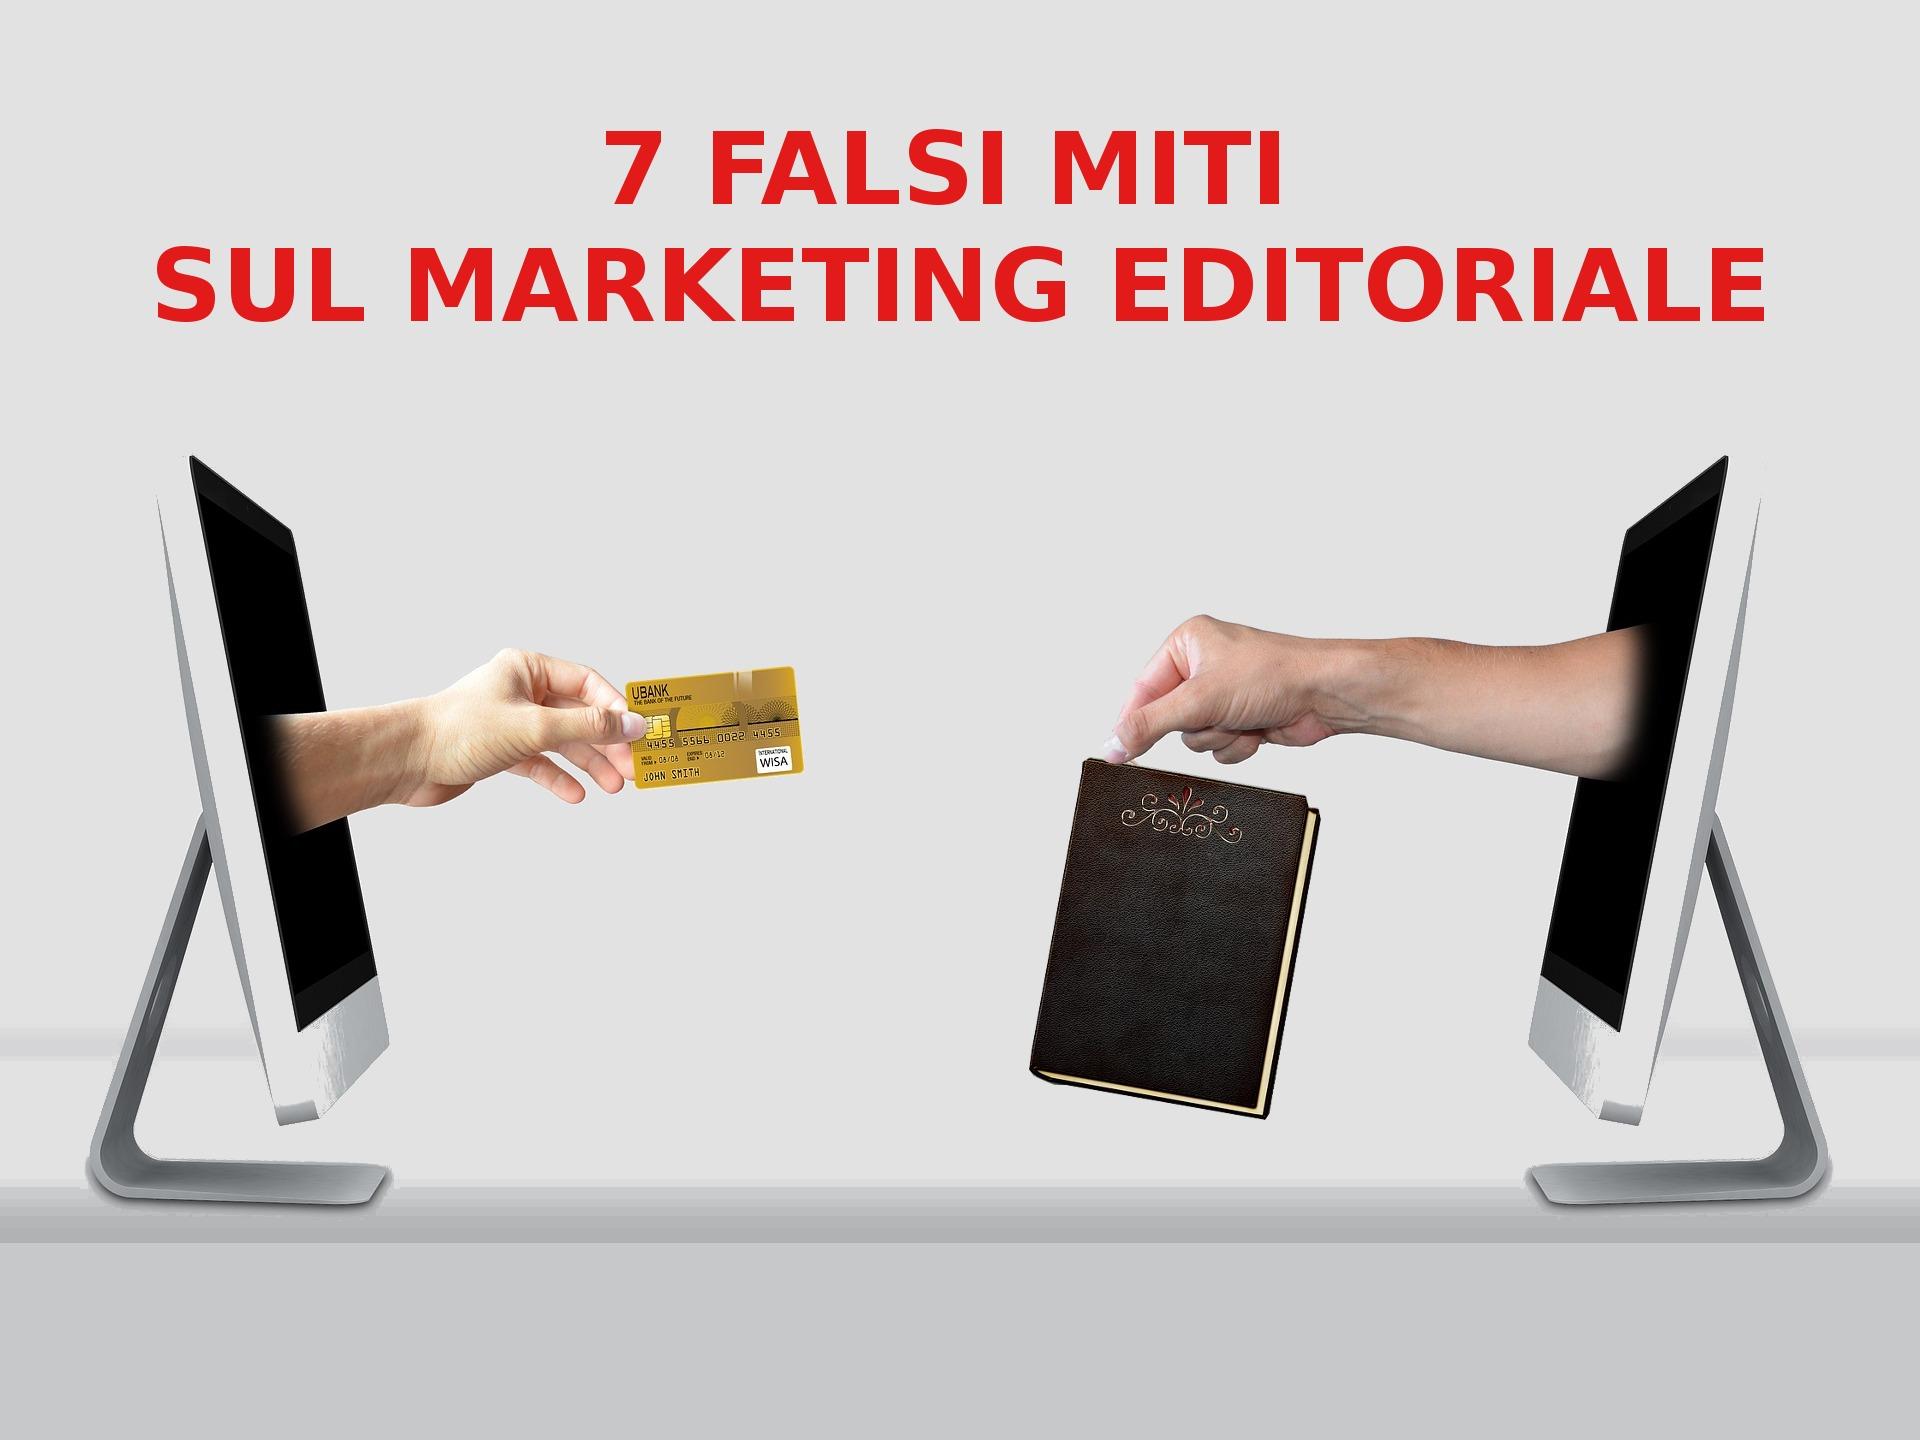 7 falsi miti intorno al marketing editoriale